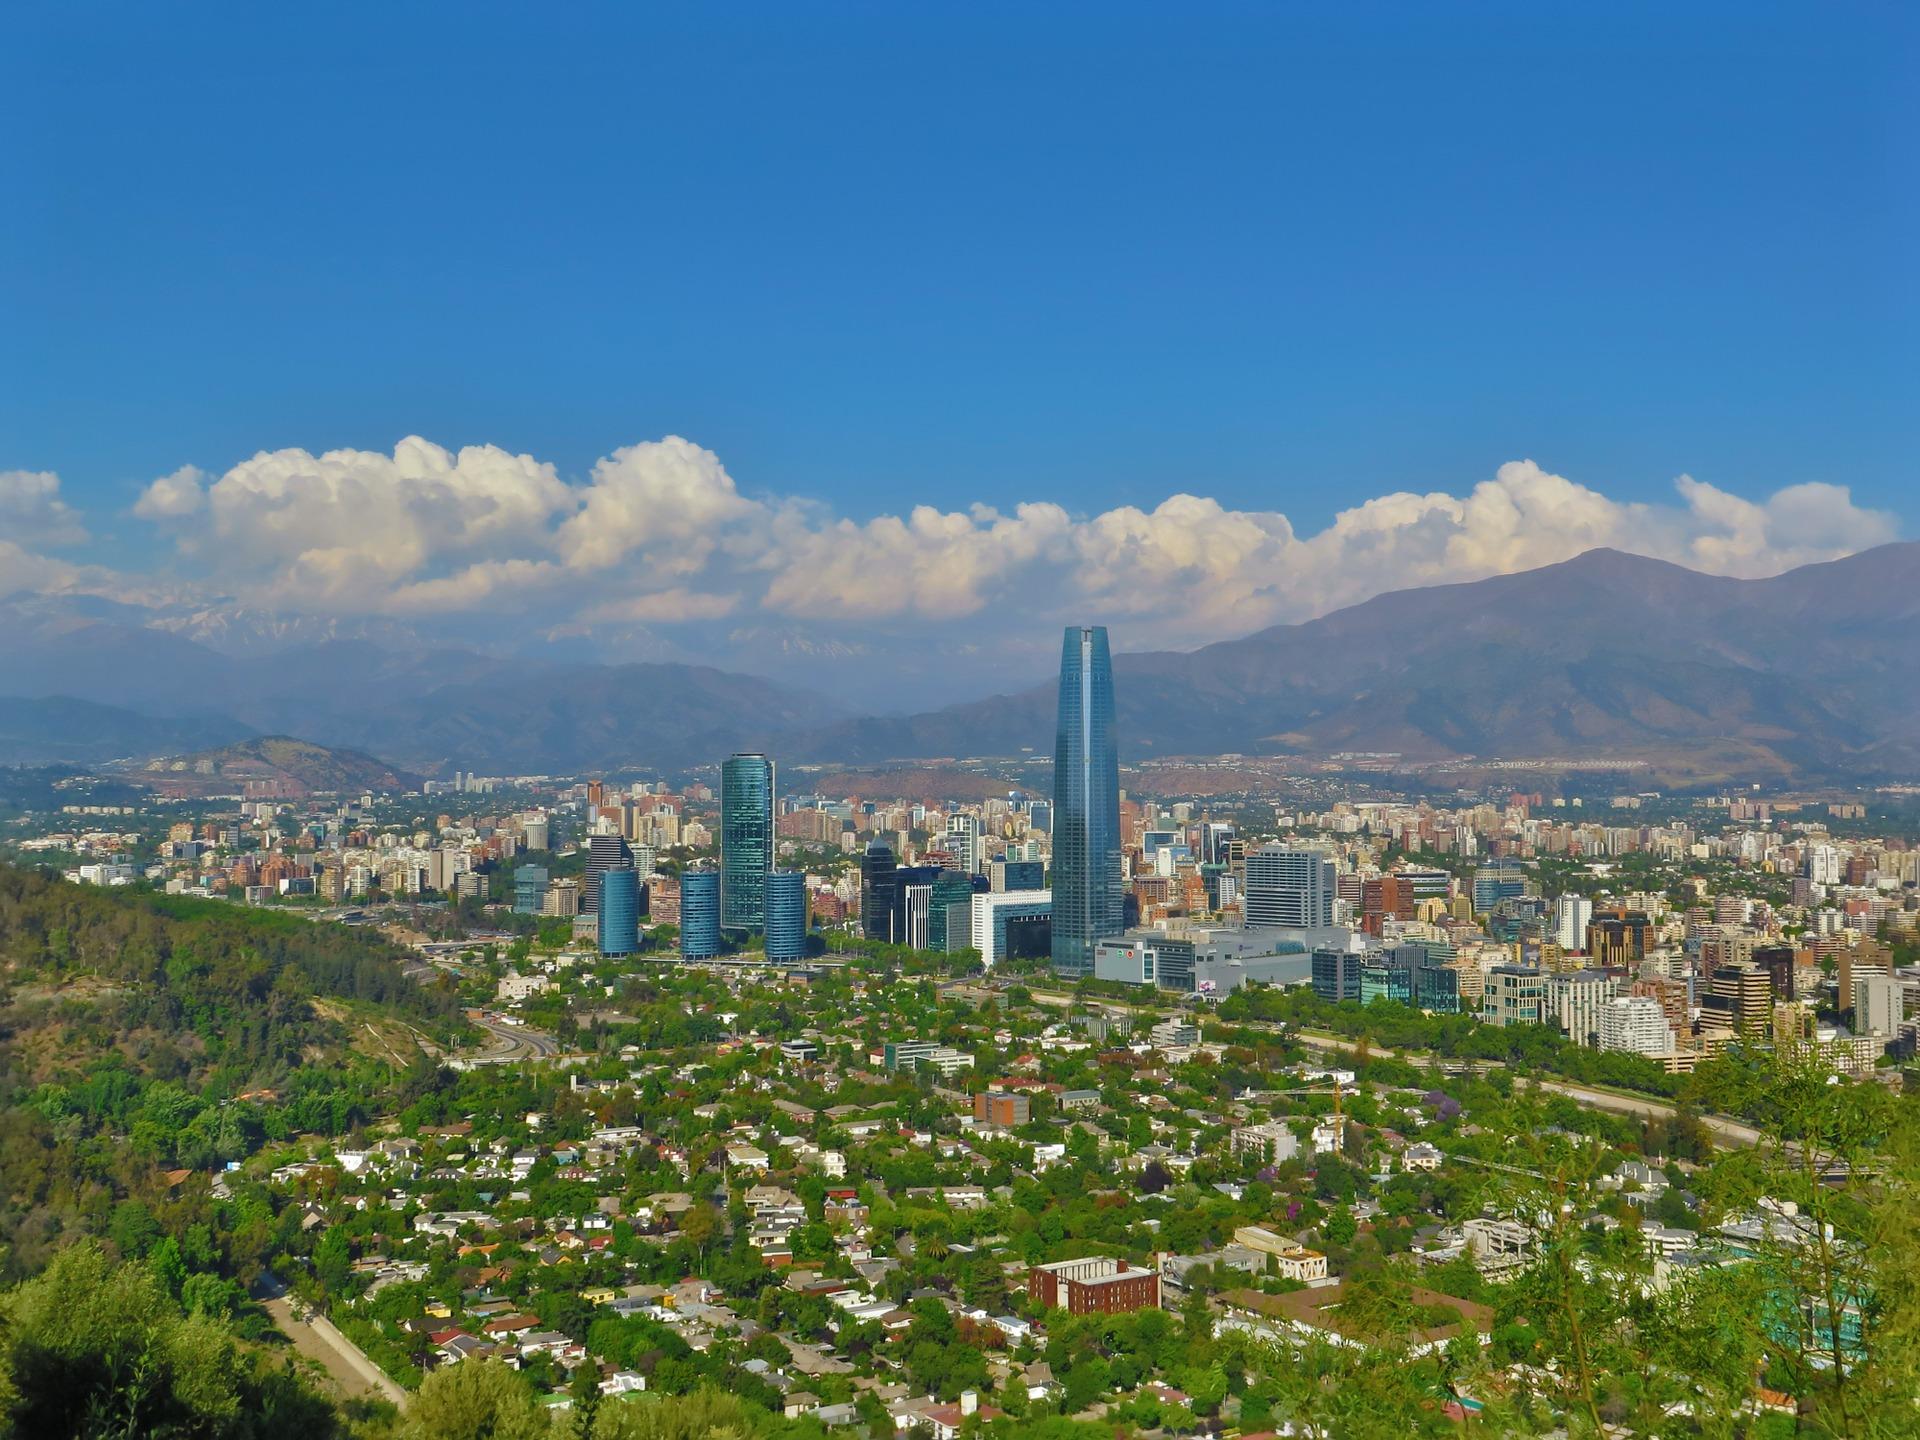 Santiago Região de Lagos e Vulcões